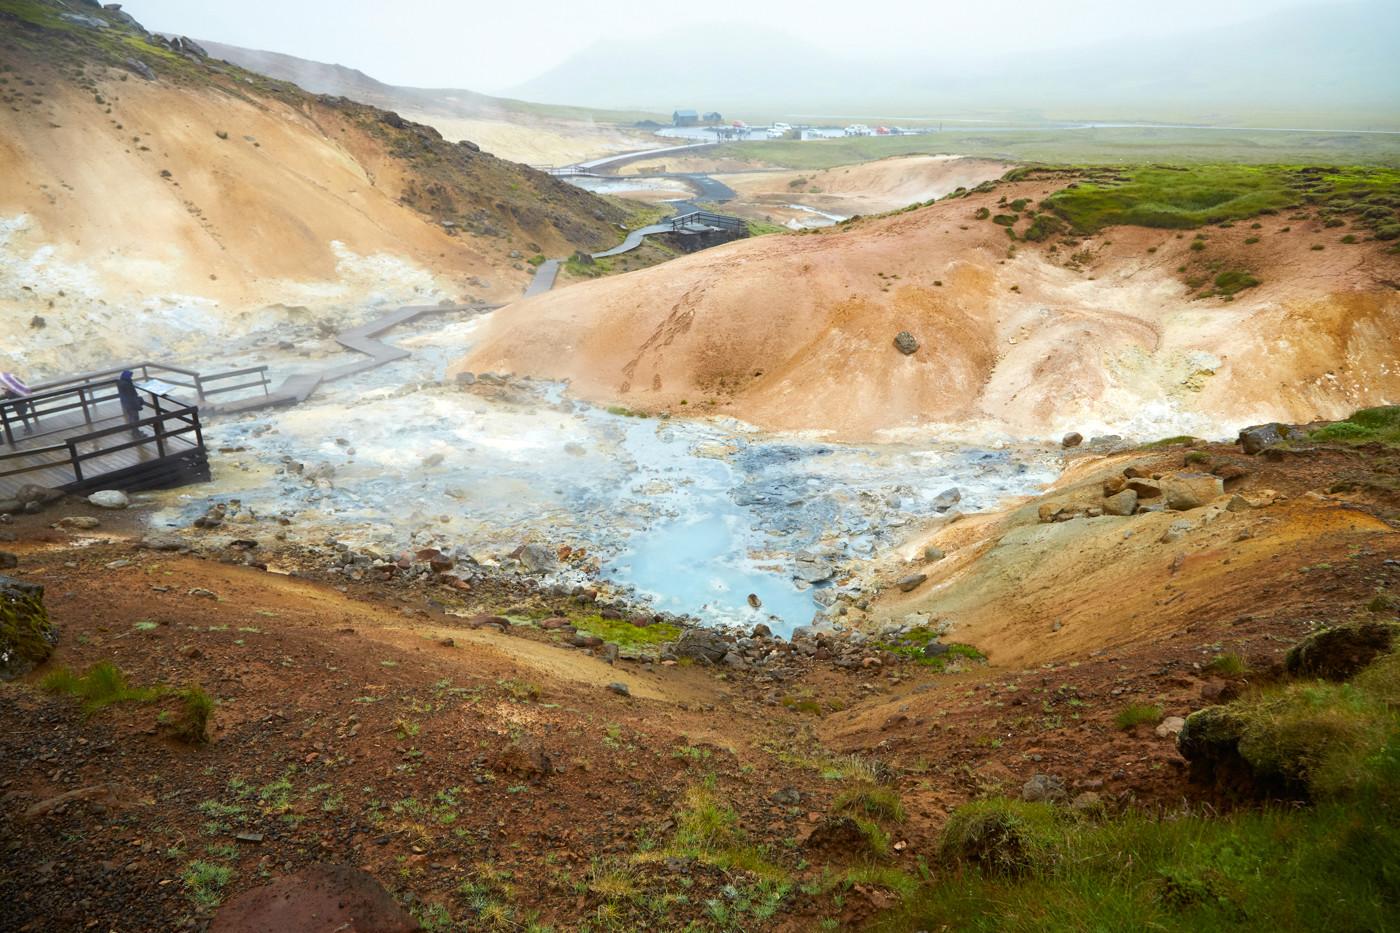 Krysuvik, geothermal Area, geothermales Gebiet, Reykjavik, Island, Iceland, Reiseblog, Miles and Shores, Reiseblogger, Travelblog, Was tun an einem Regentag in Island, Schlammquellen, heiss, heiß, dampf, dampfend, heiße Quellen,